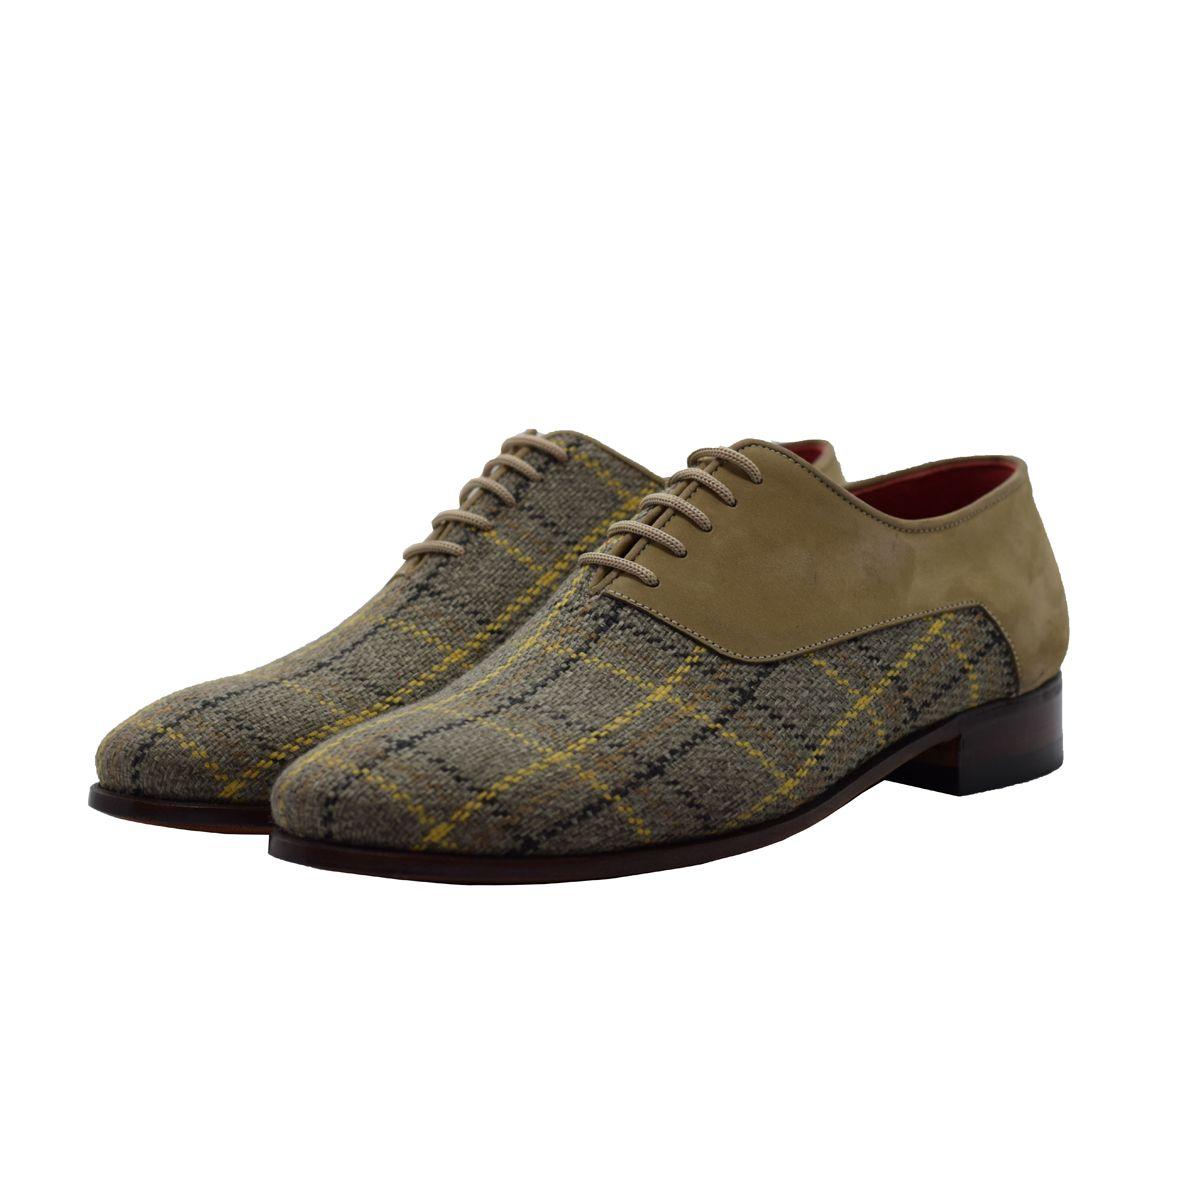 کفش مردانه دگرمان مدل آدر کد deg.2301-758 -  - 3